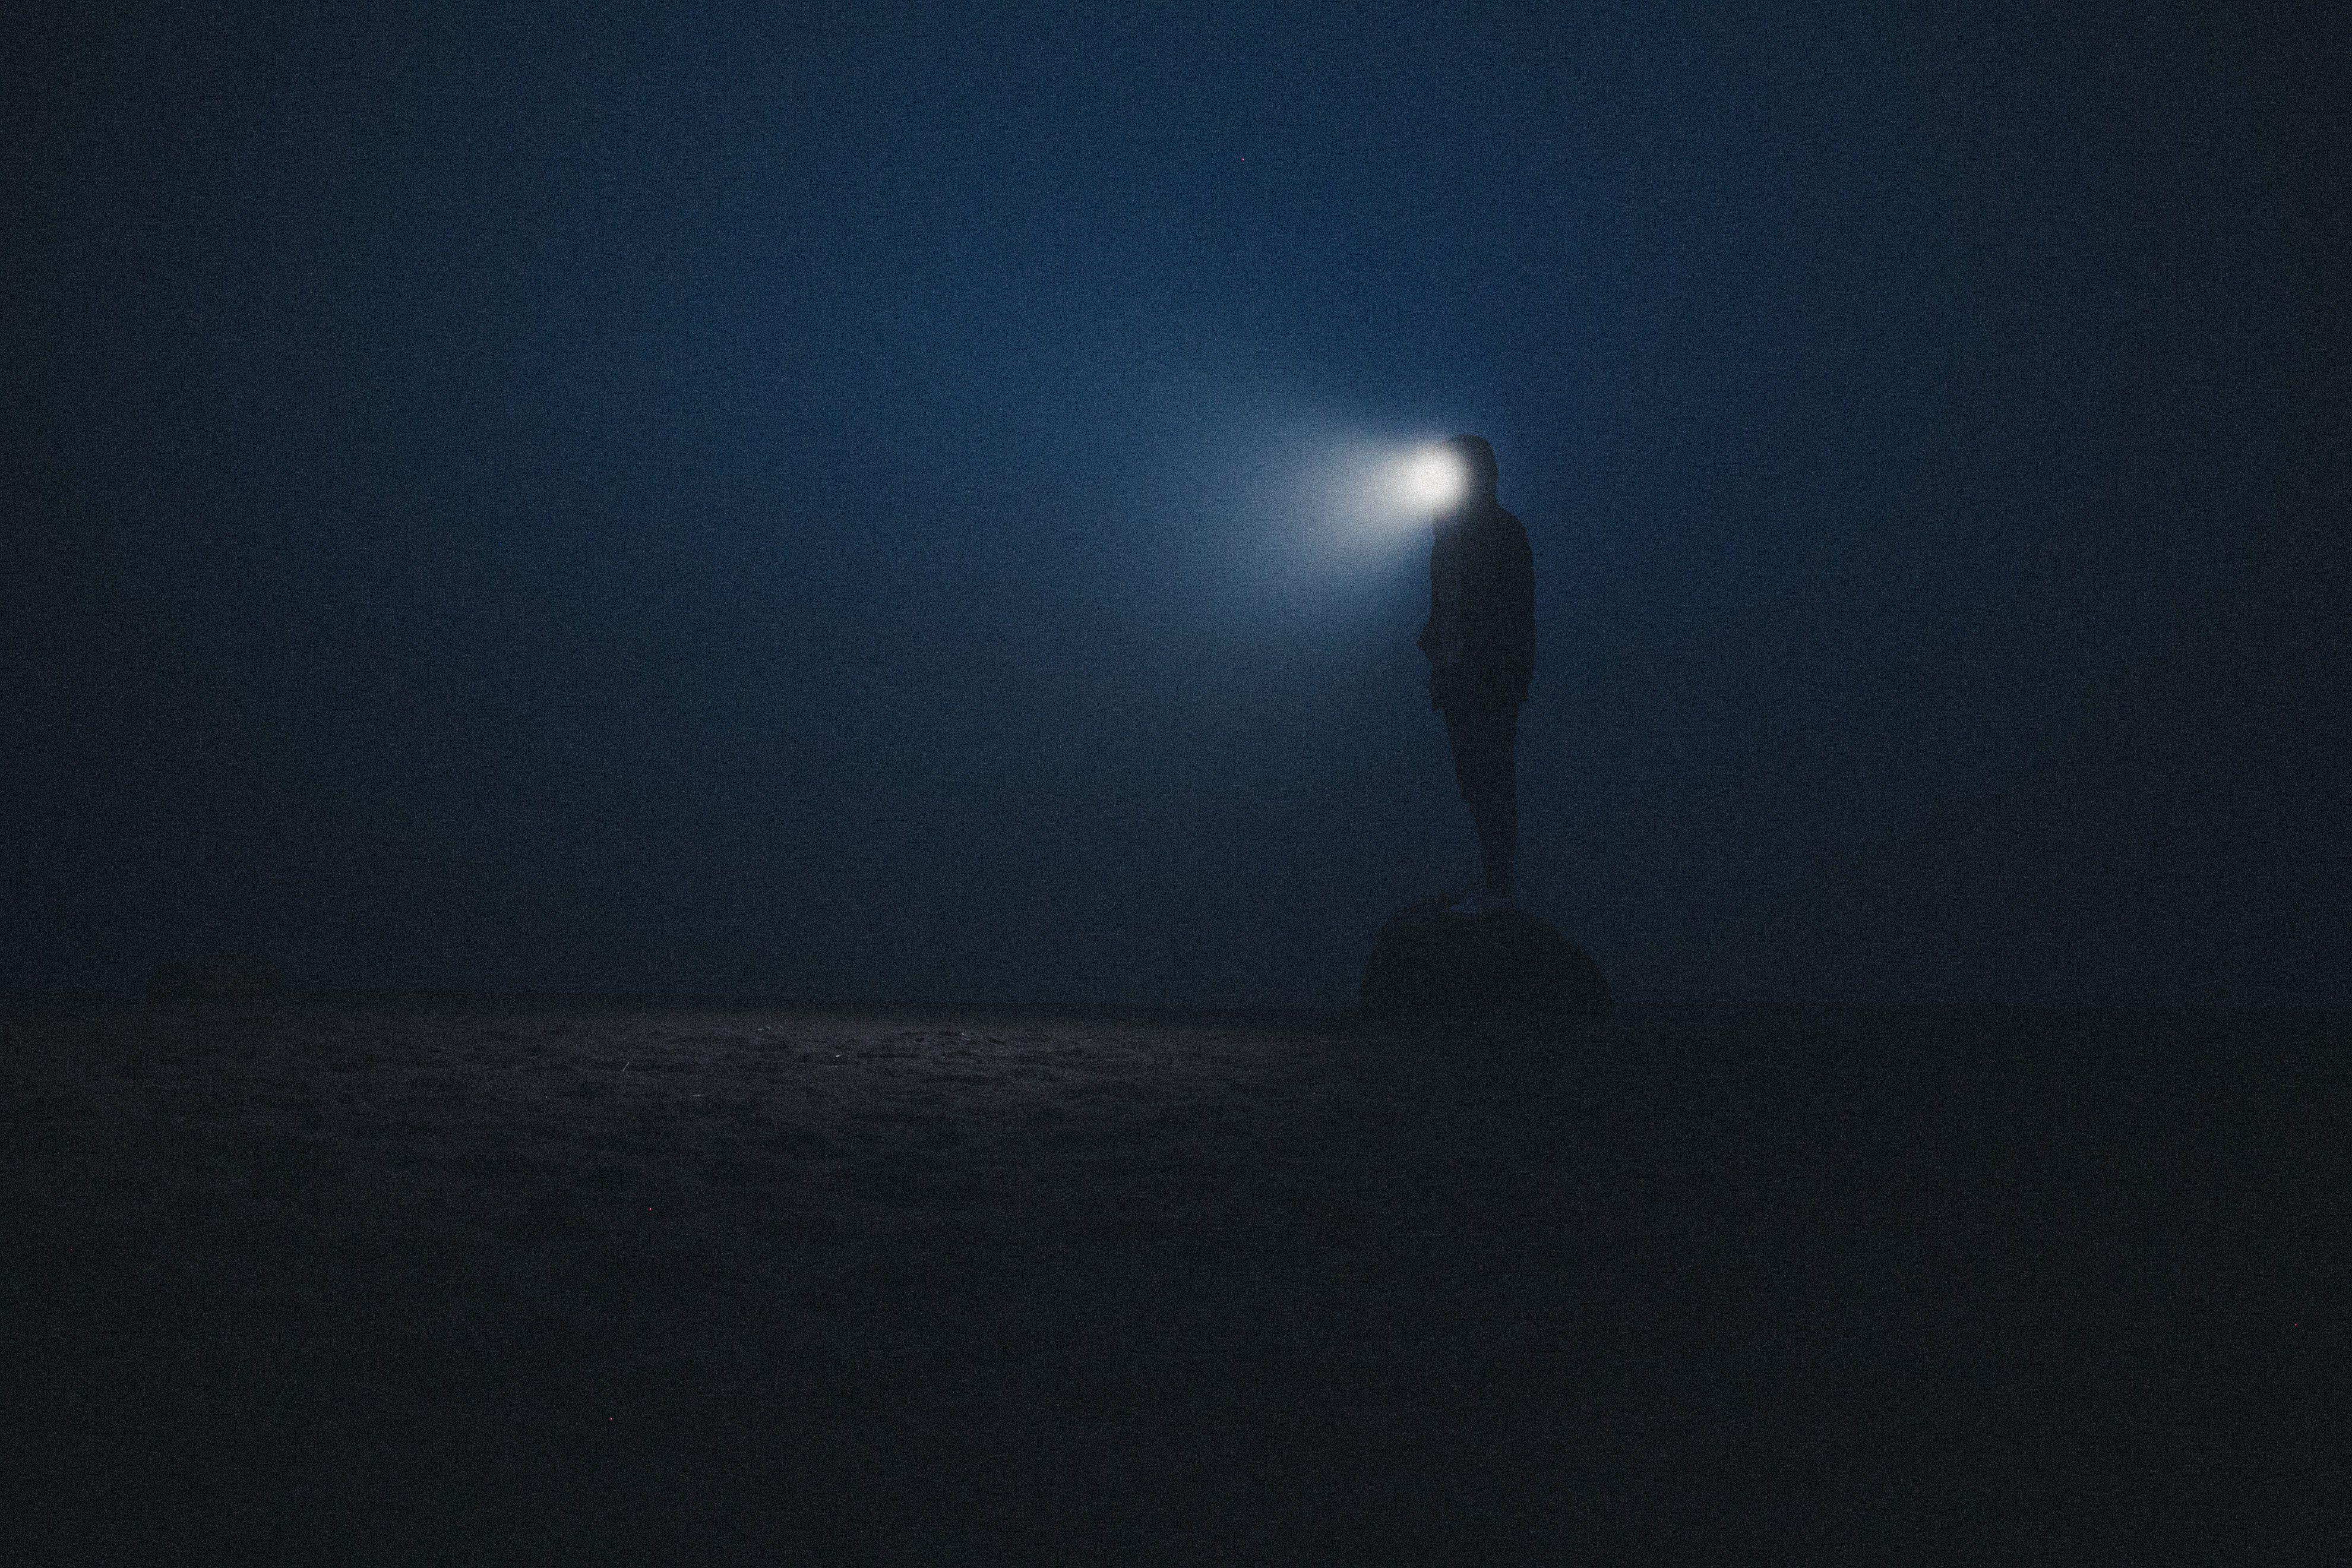 ночь свет ночь, Воронин Вова